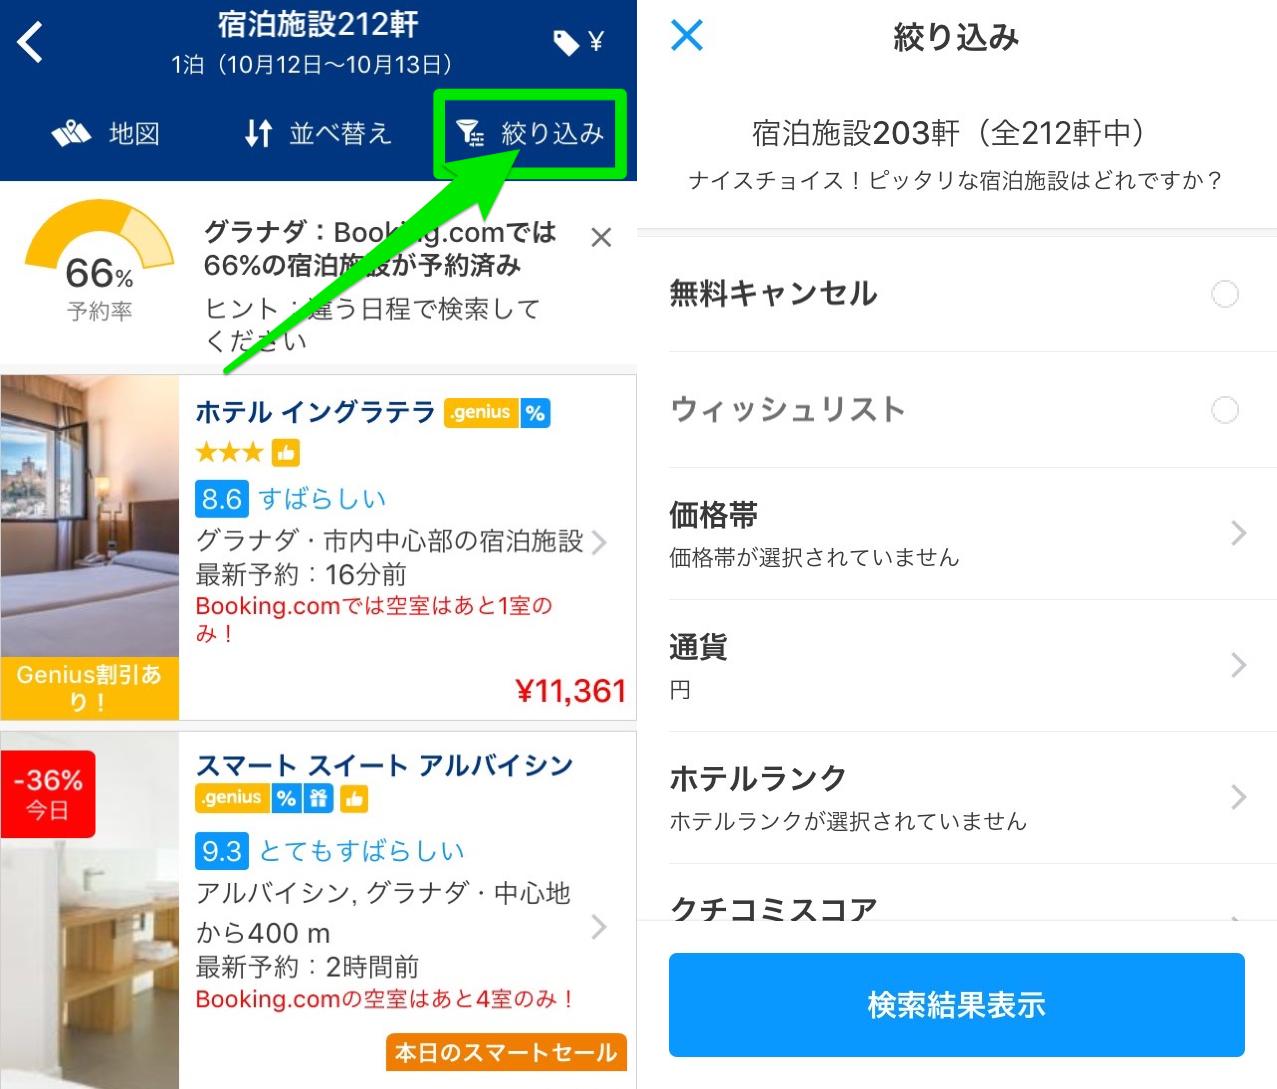 ブッキングドットコムのアプリで出てきたホテルを絞り込み検索